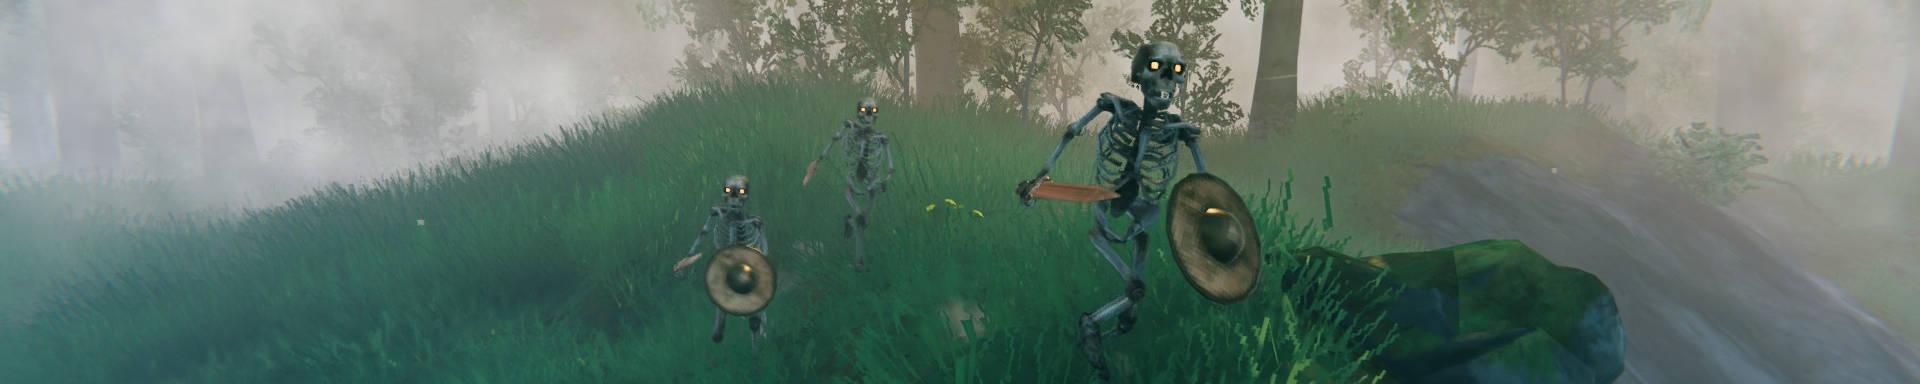 Valheim The Forest is Moving Base Raids Guía de esqueletos